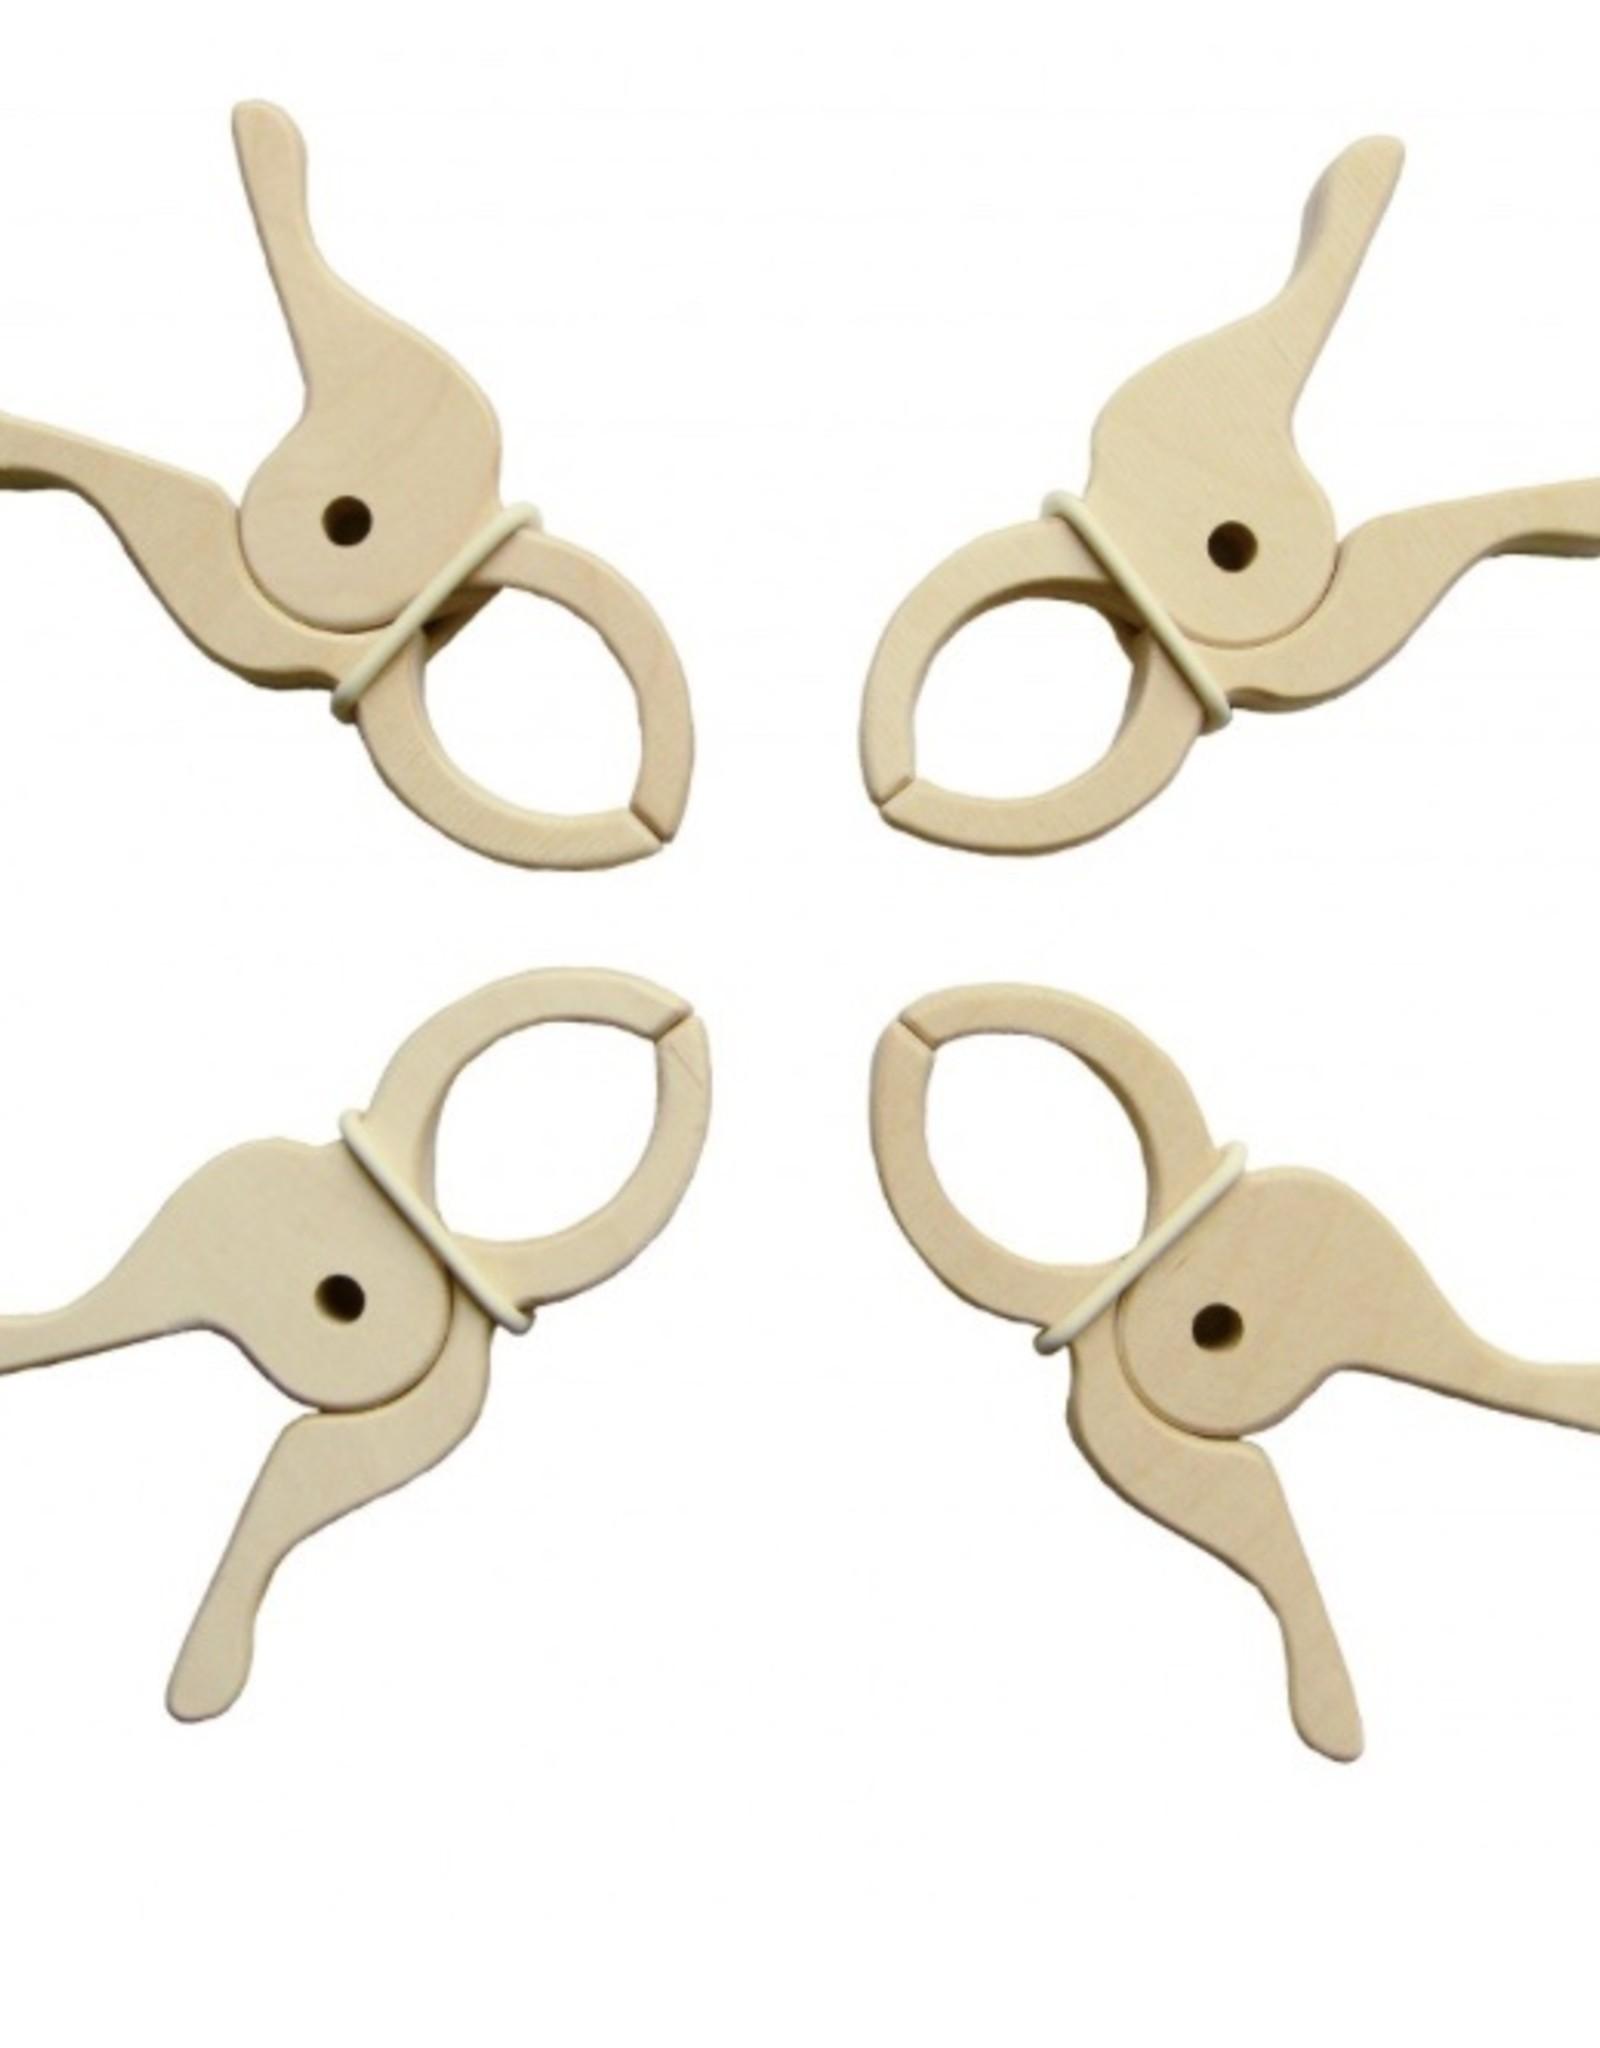 Speelbelovend 4 grote houten knijpers / wasknijper / reuzen houten knijper speelbelovend